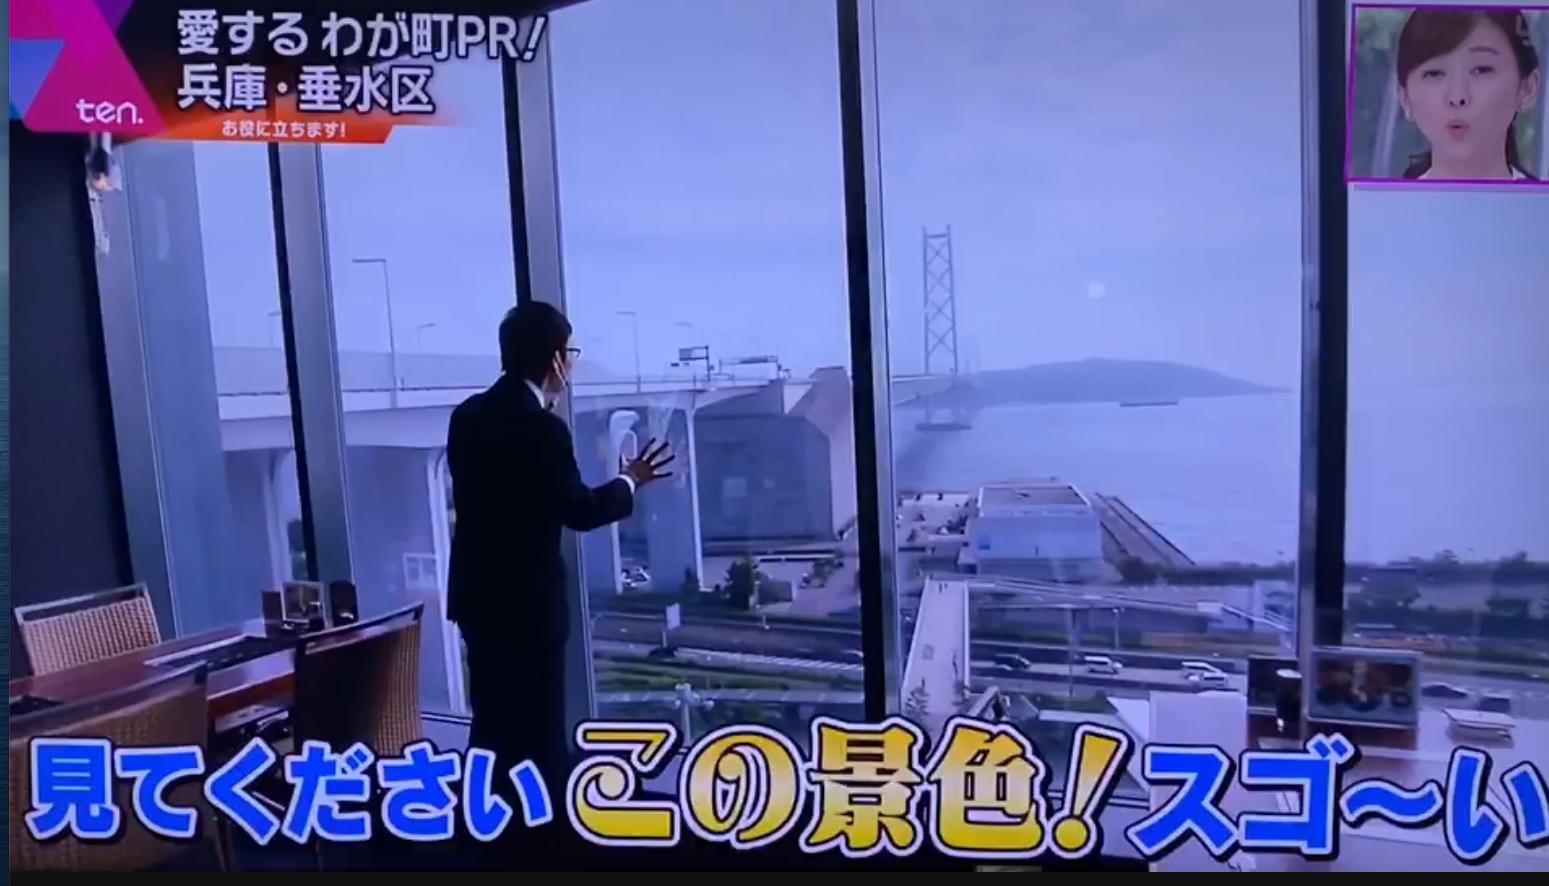 【TV】かんさい情報ネットten.(読売テレビ)で紹介されました